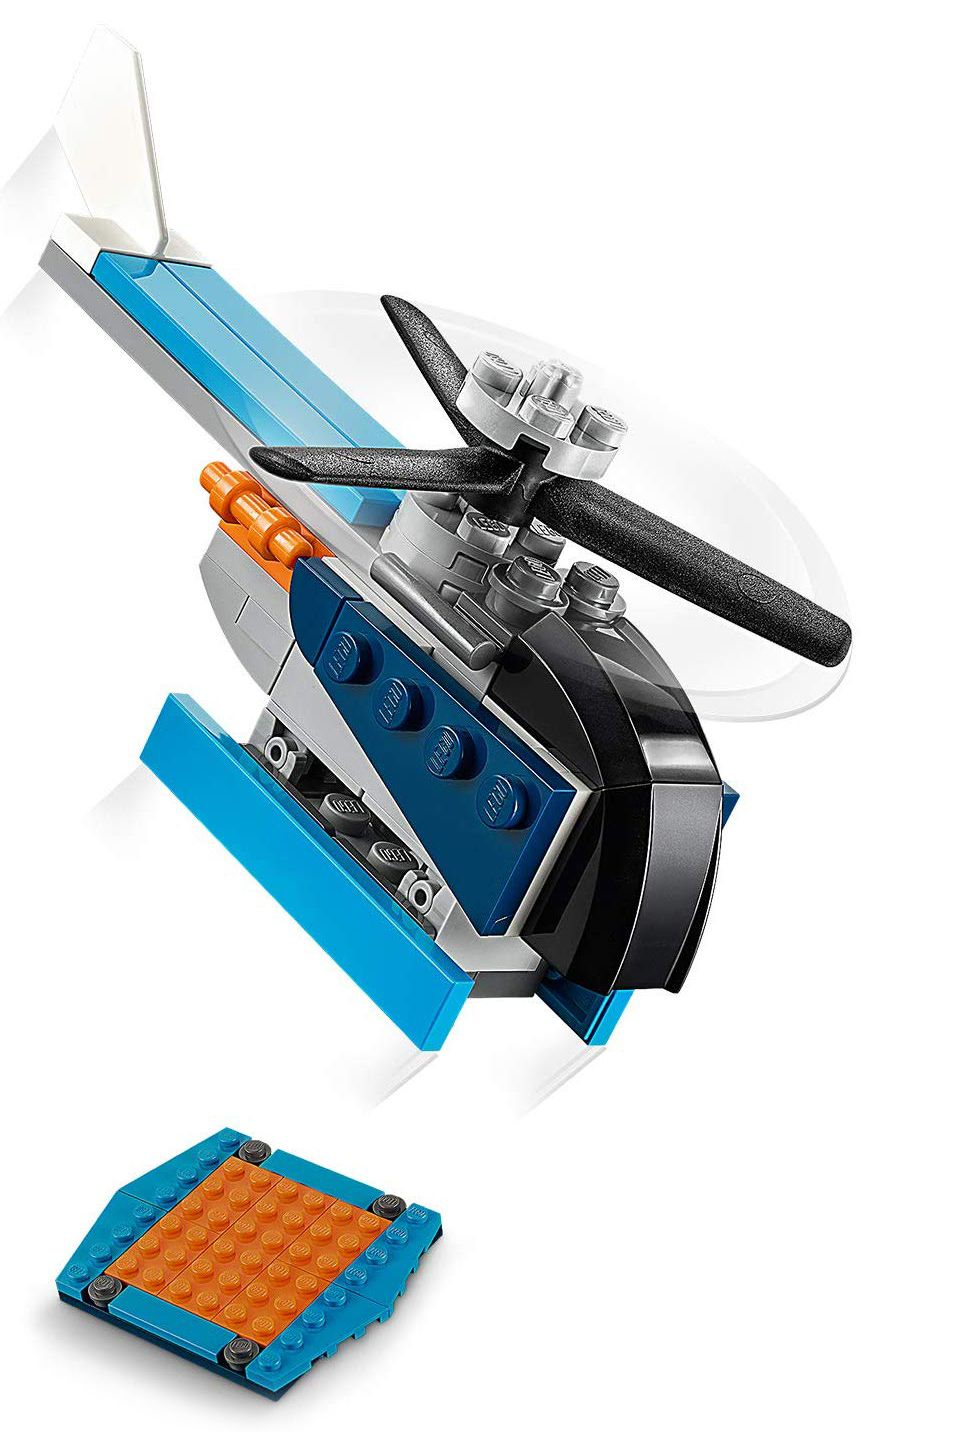 Конструктор 3 в 1 Lego Creator - Витлов самолет (31099) - 4